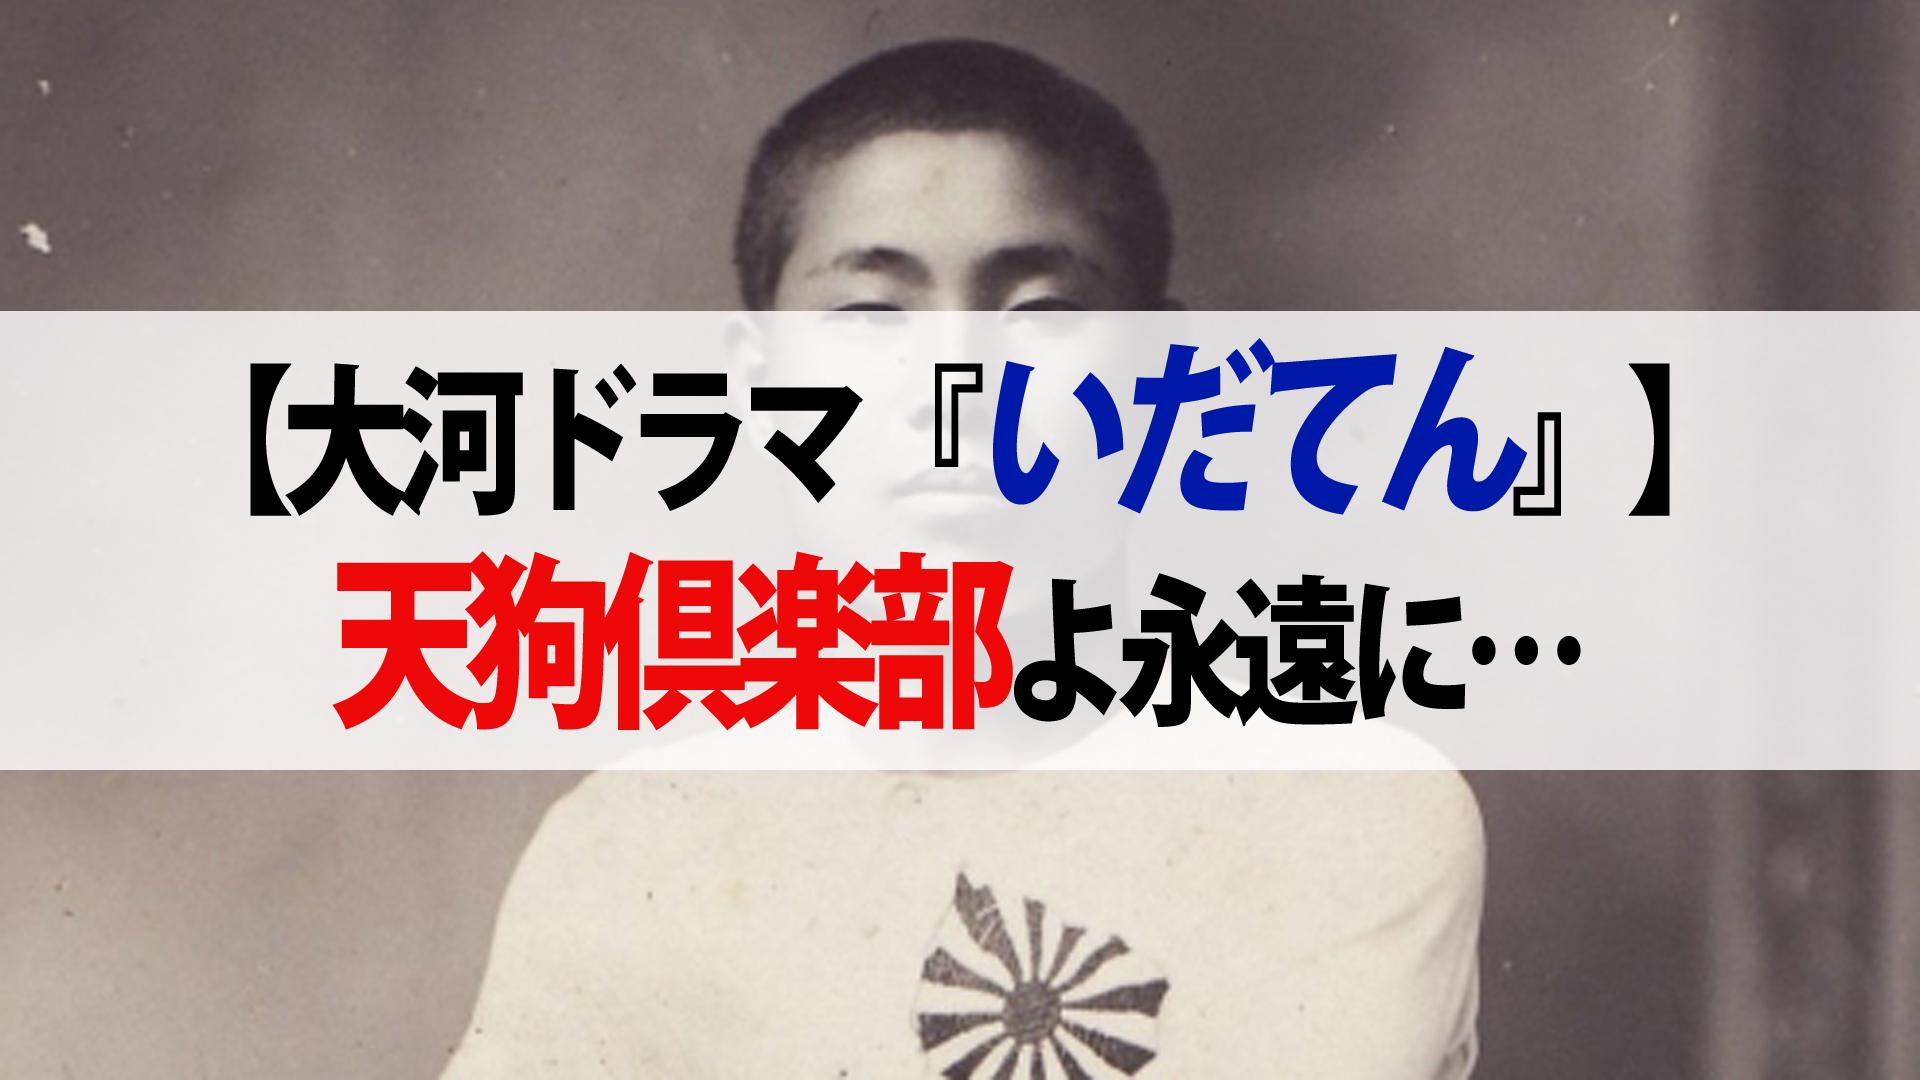 大河ドラマ『いだてん』第14回『新世界』